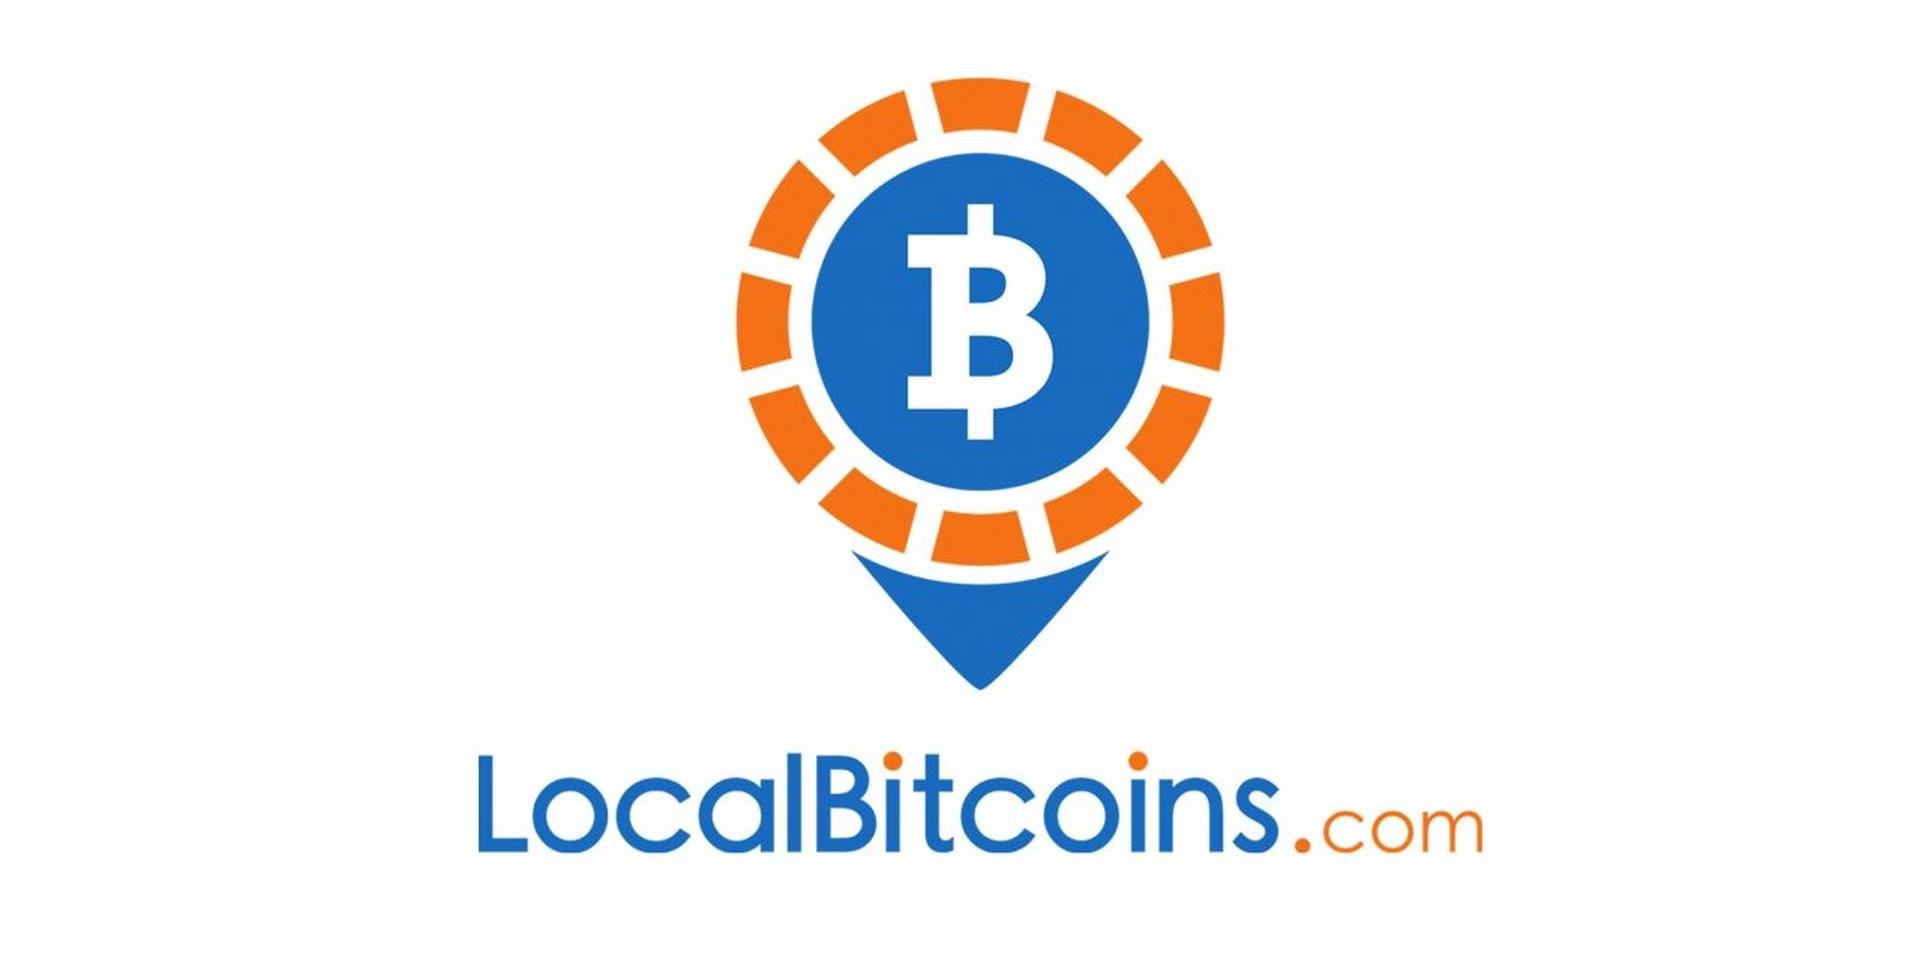 Local bitcoins - сервіс для купівлі біткоїна в Україні